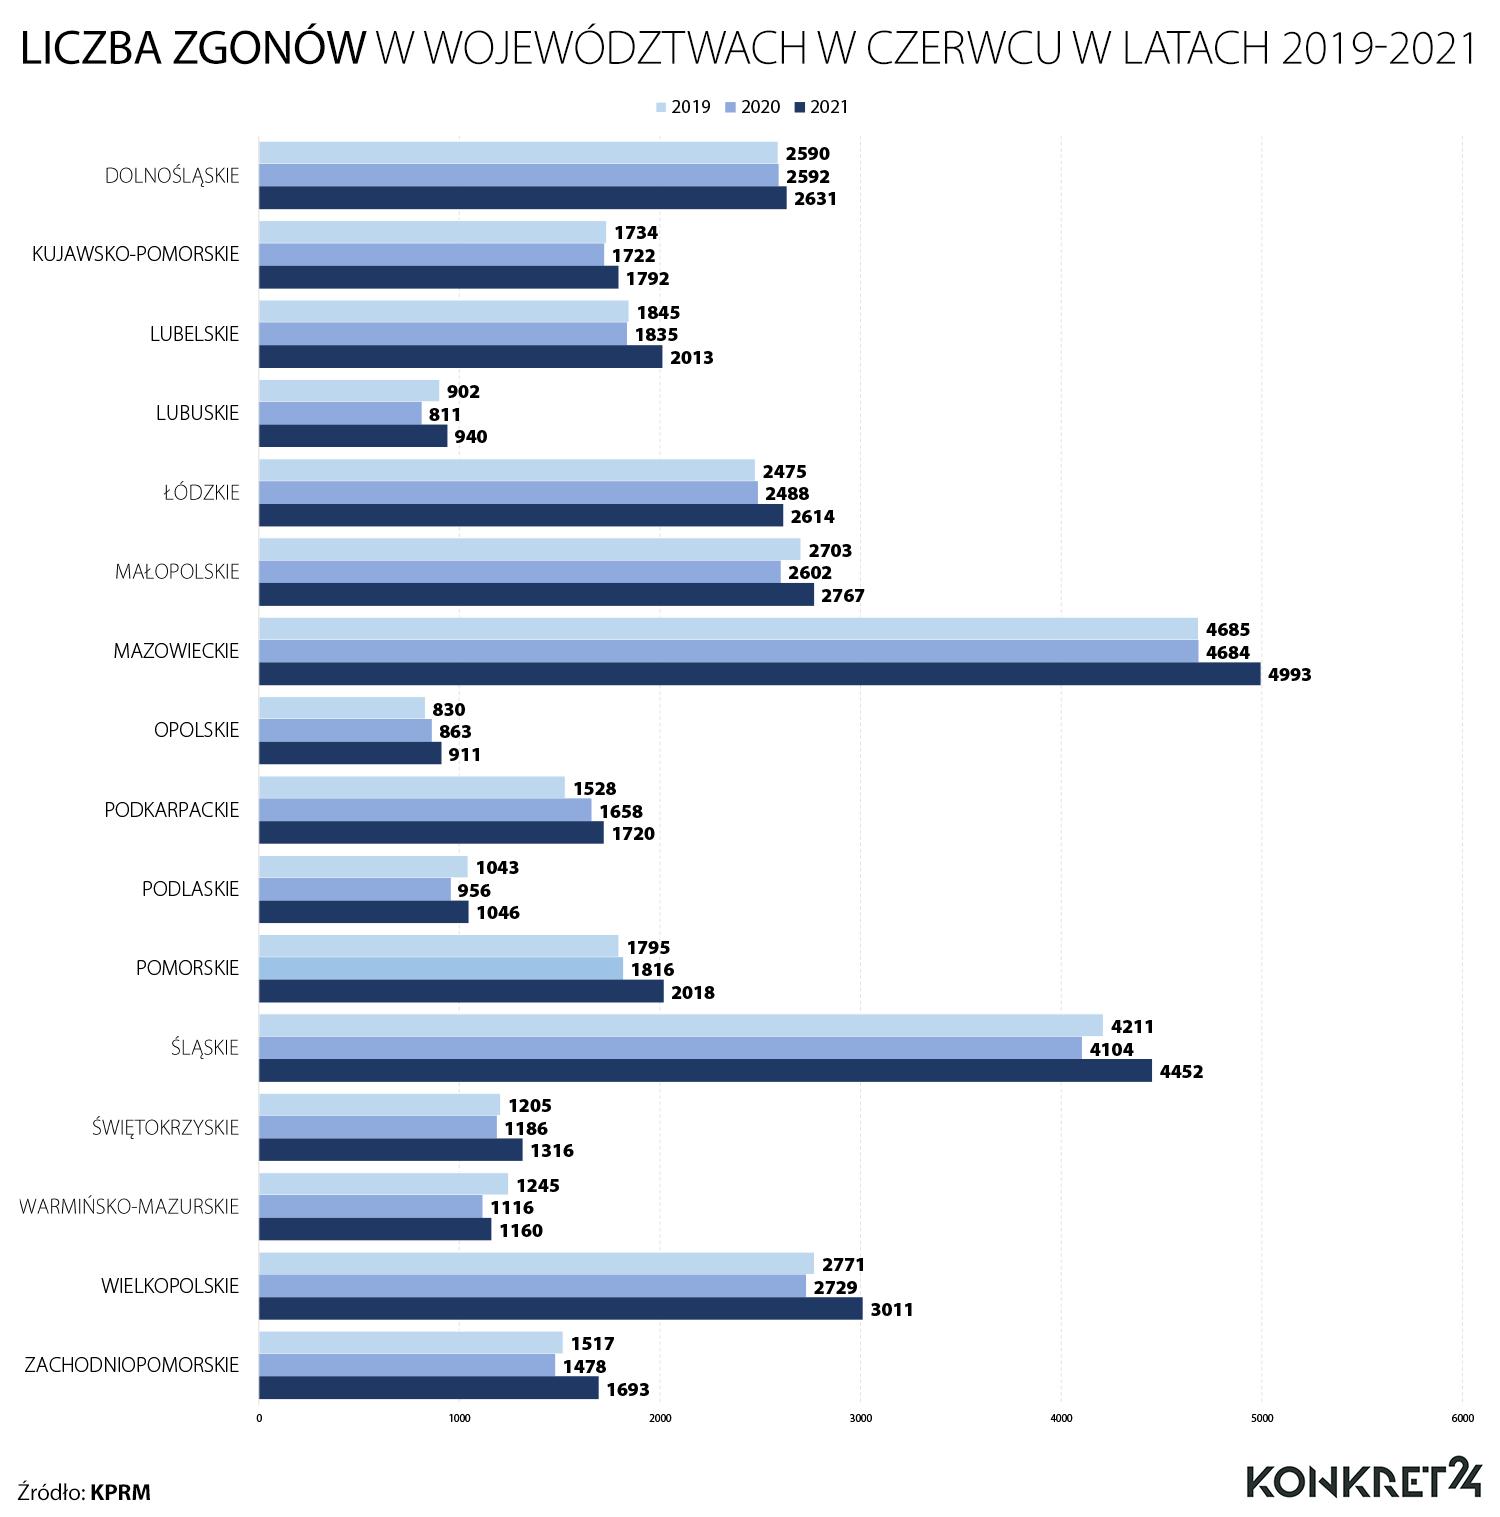 Liczba zgonów w województwach w czerwcu w latach 2019-2021